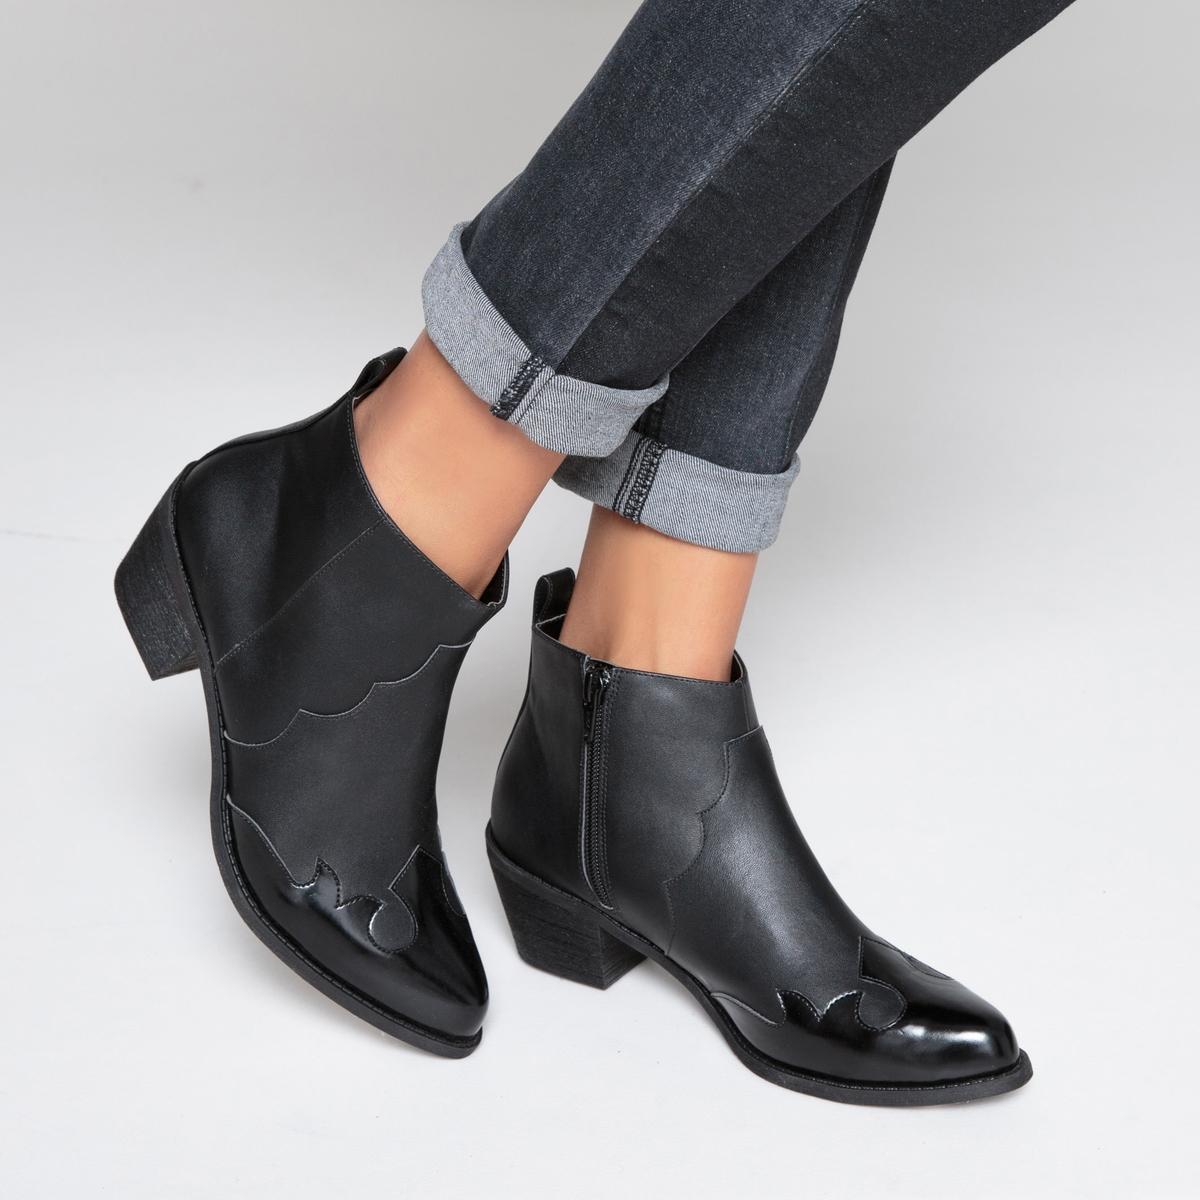 Ботильоны в стиле вестерн на среднем каблуке ботинки в стиле вестерн